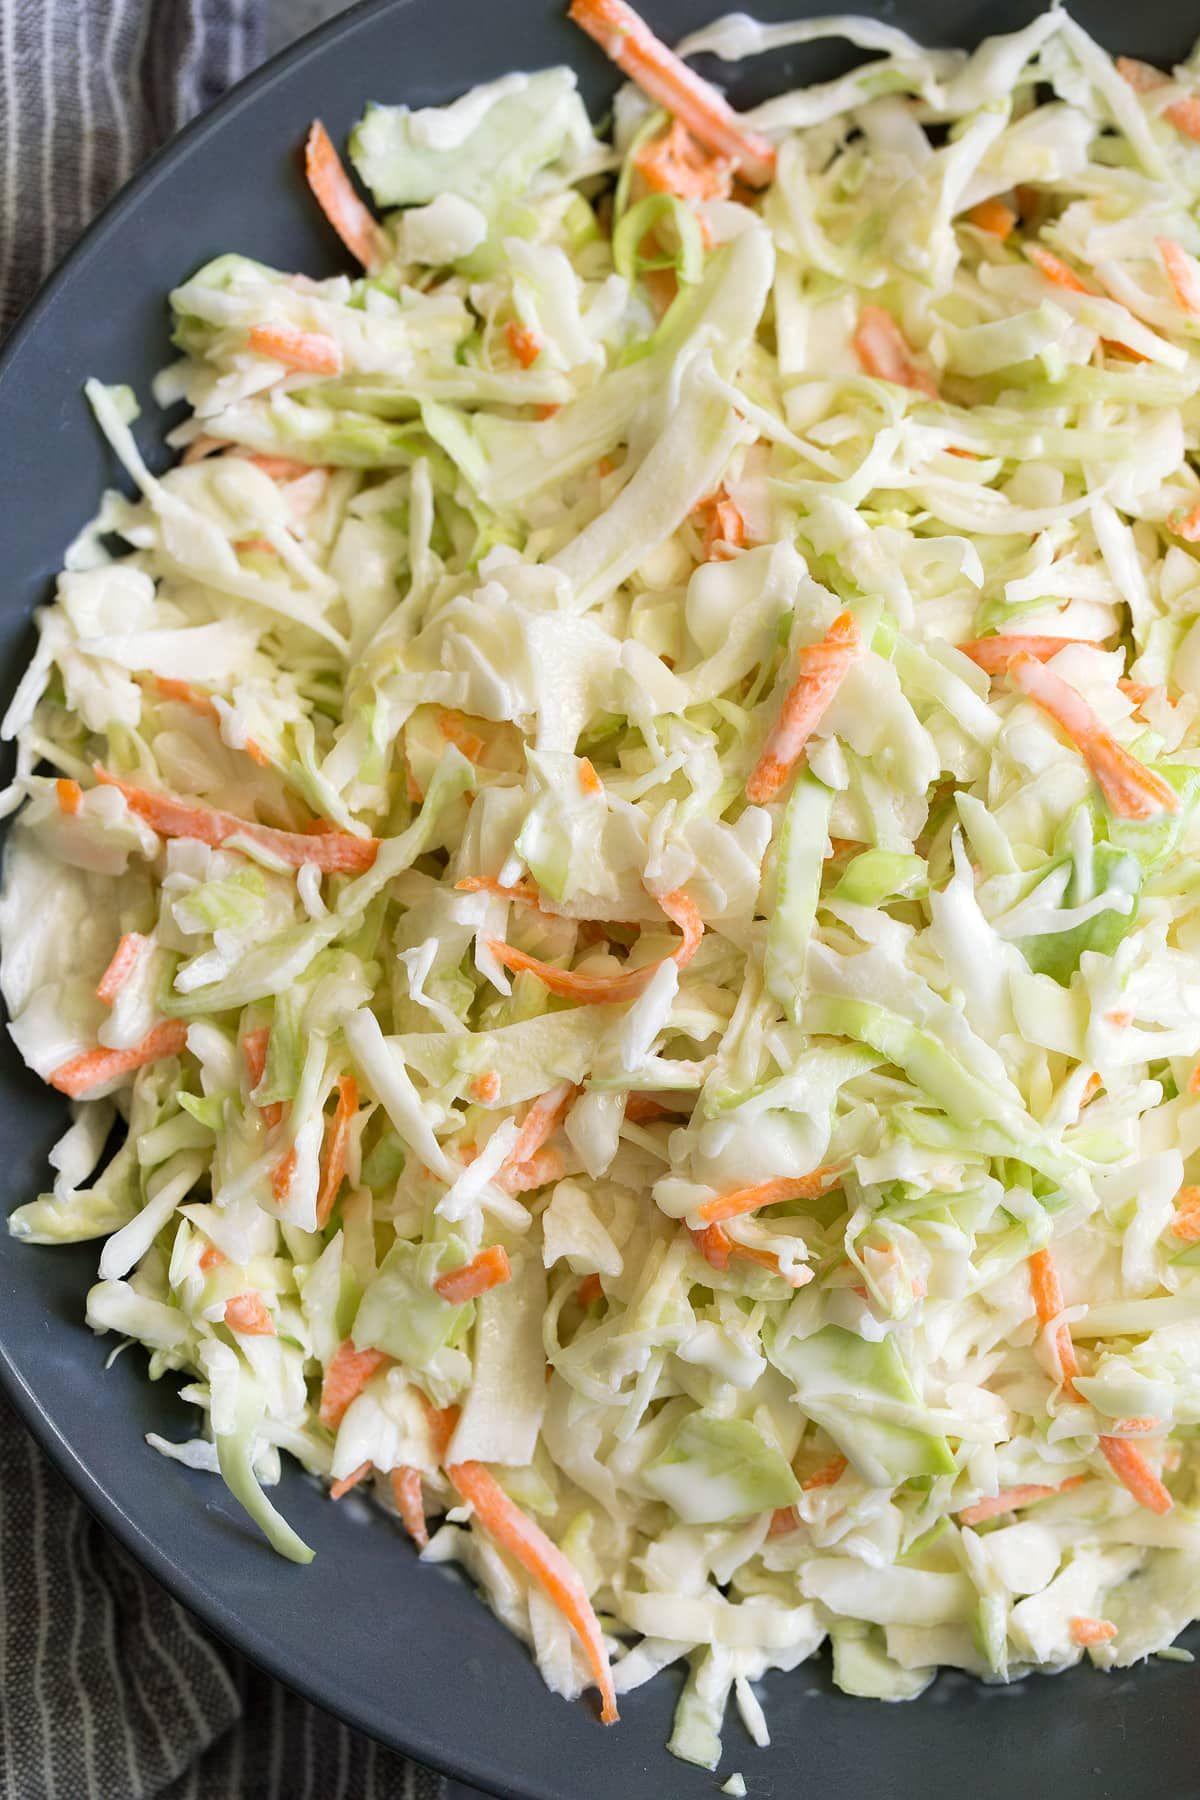 Coleslaw Recipe Vinegar Based Coleslaw Recipe Homemade Coleslaw Best Coleslaw Recipe